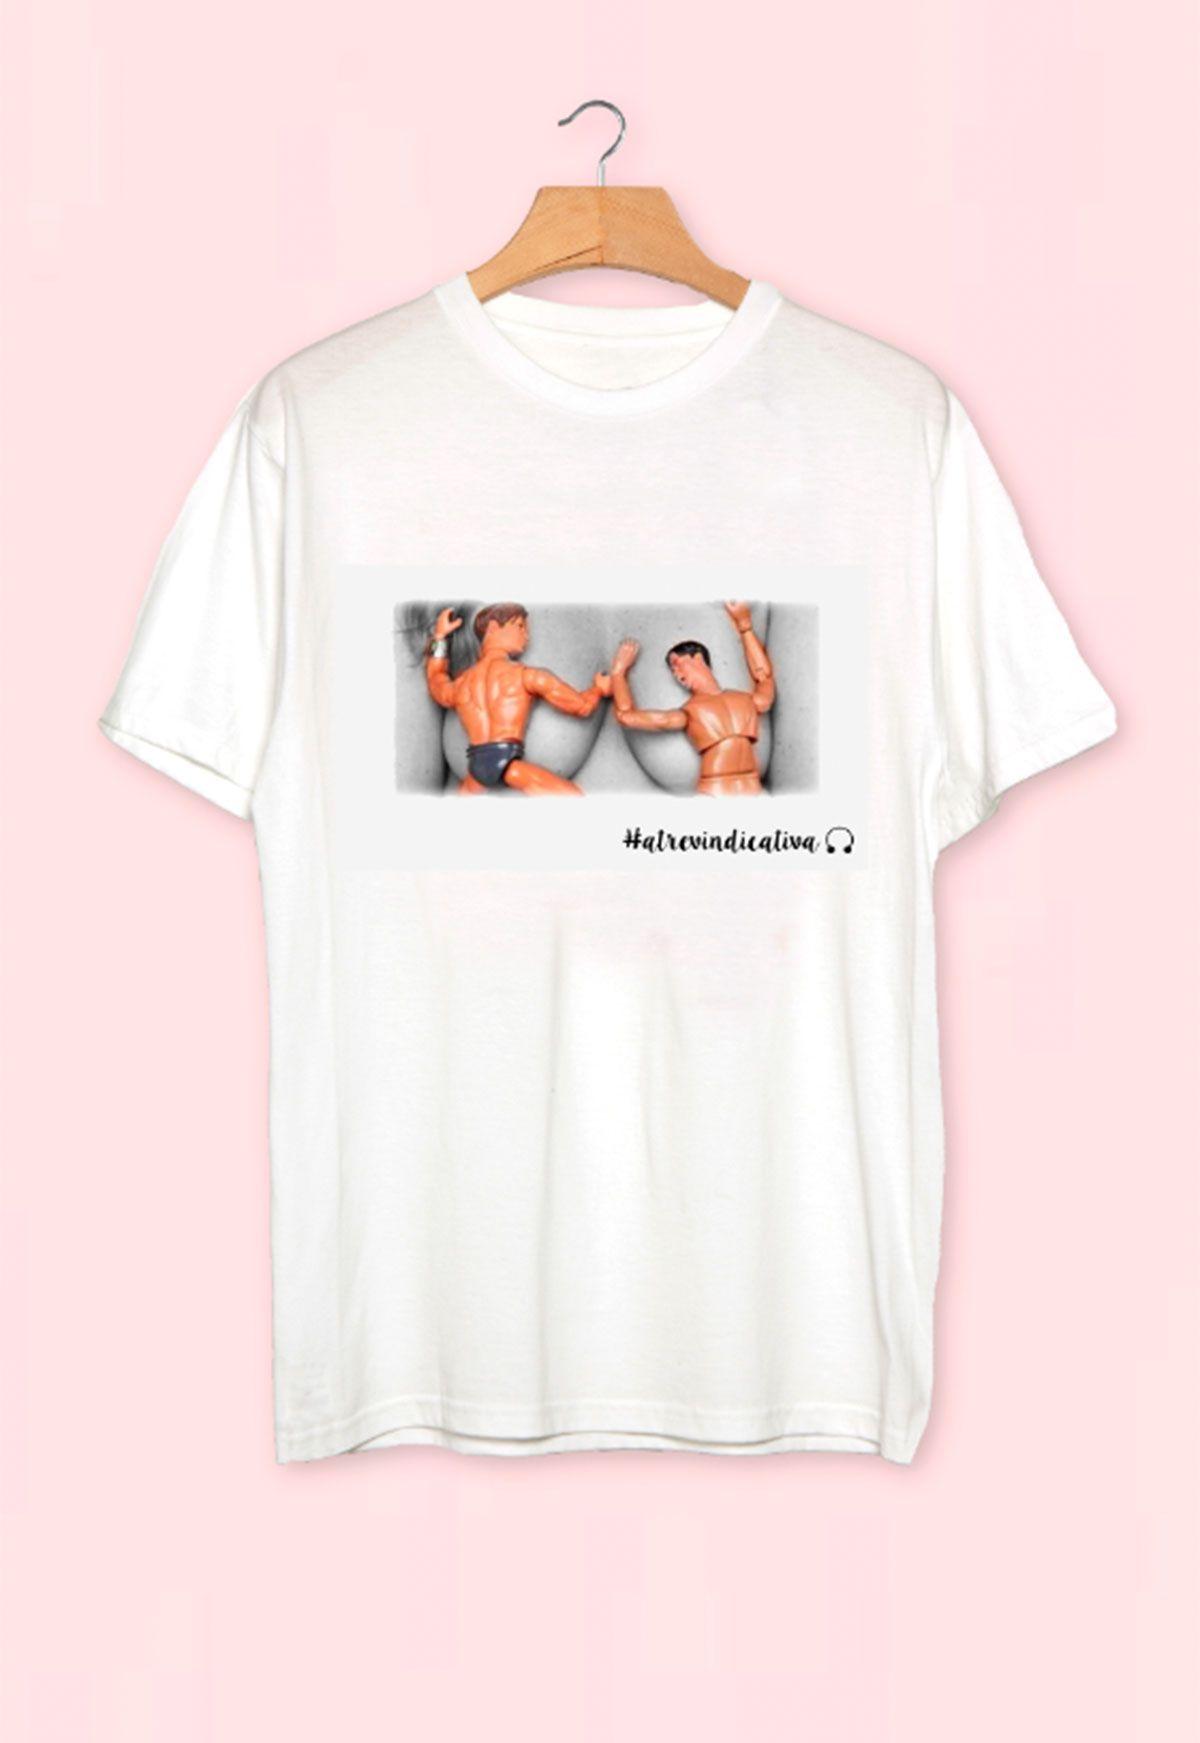 Camisetas pechos Atrevindicativa: acoso